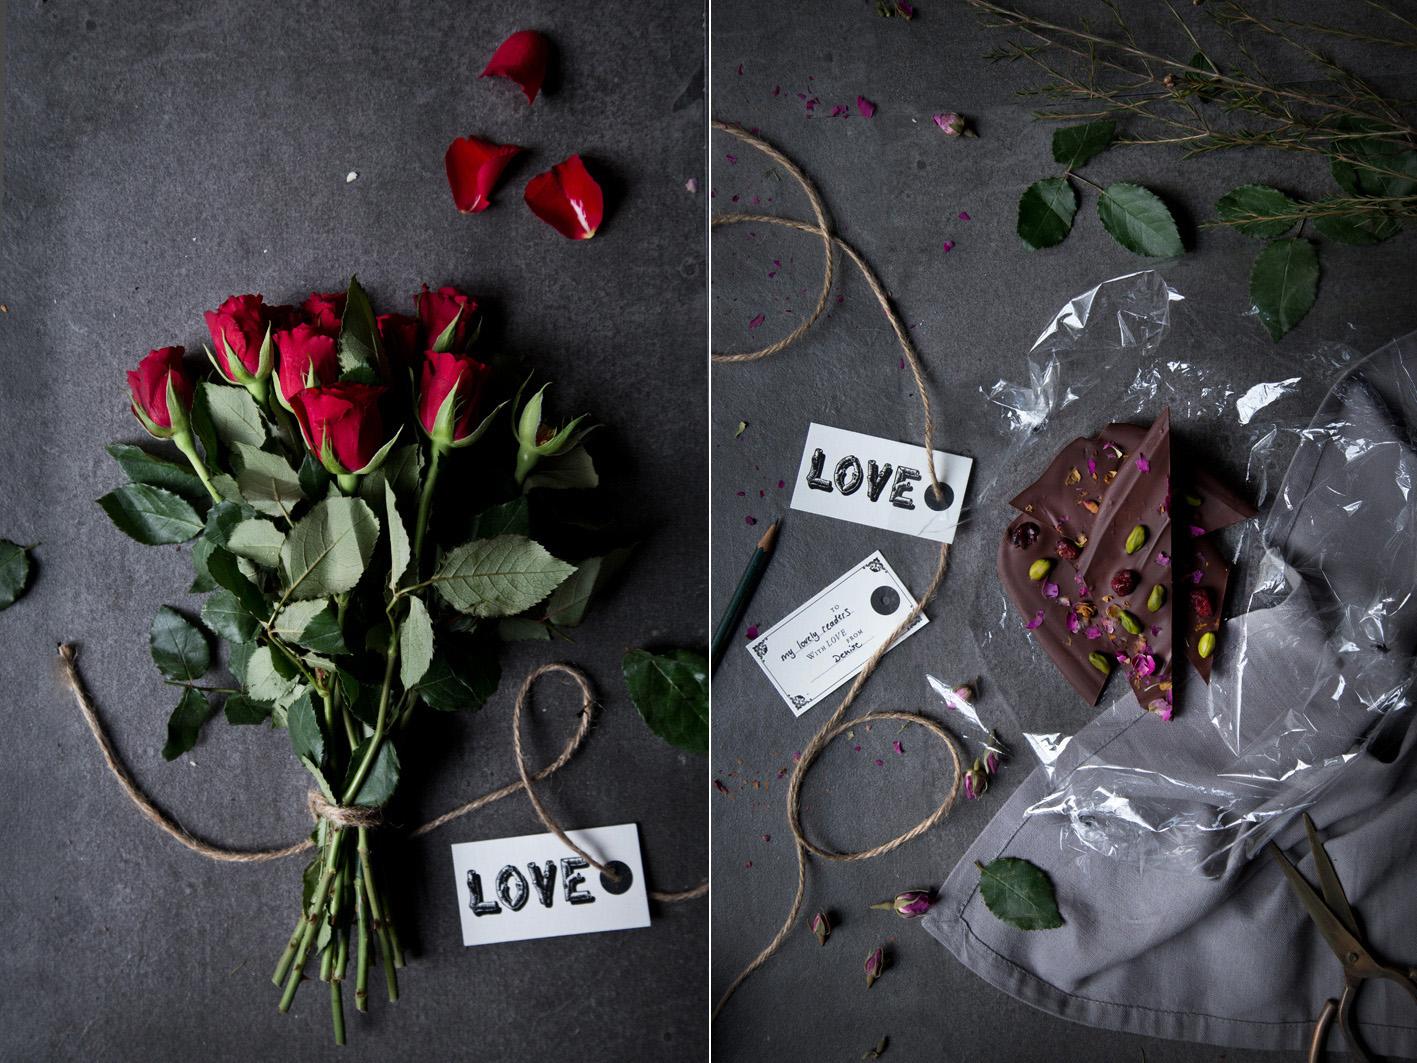 Schokolade und rosen